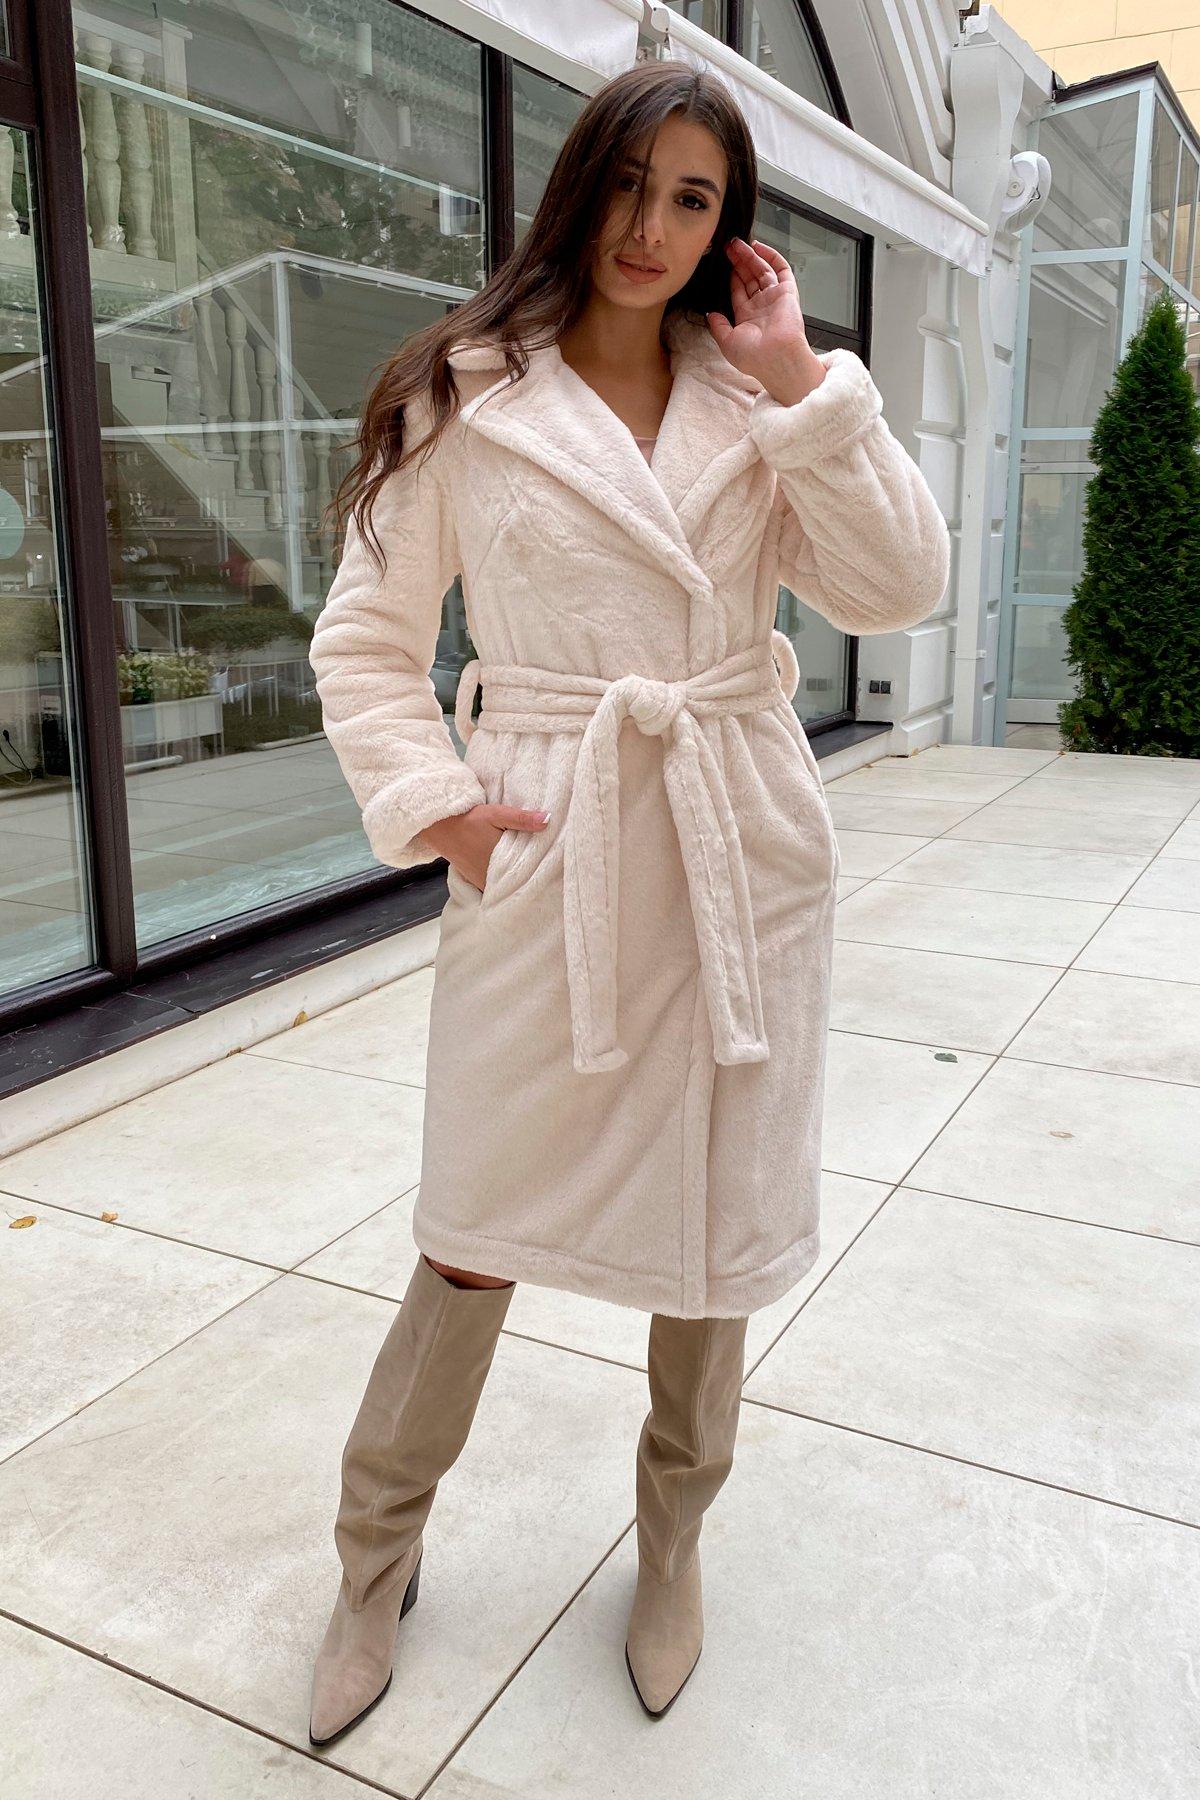 Зимнее пальто из искусственного меха норки Саманта 8641 АРТ. 44957 Цвет: Молоко - фото 12, интернет магазин tm-modus.ru